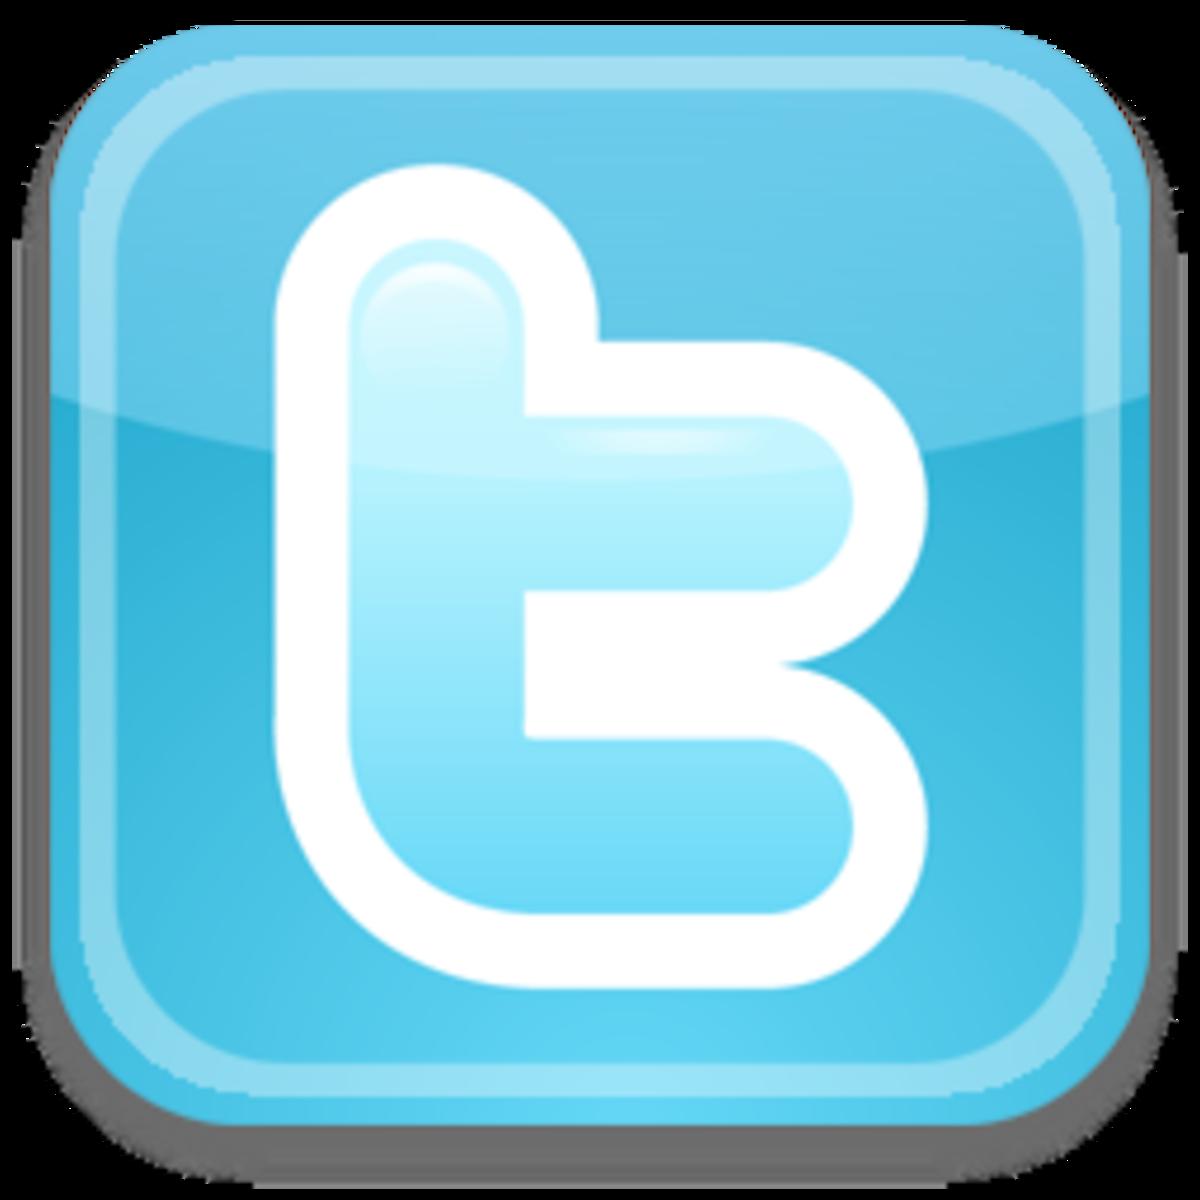 twitter-button1